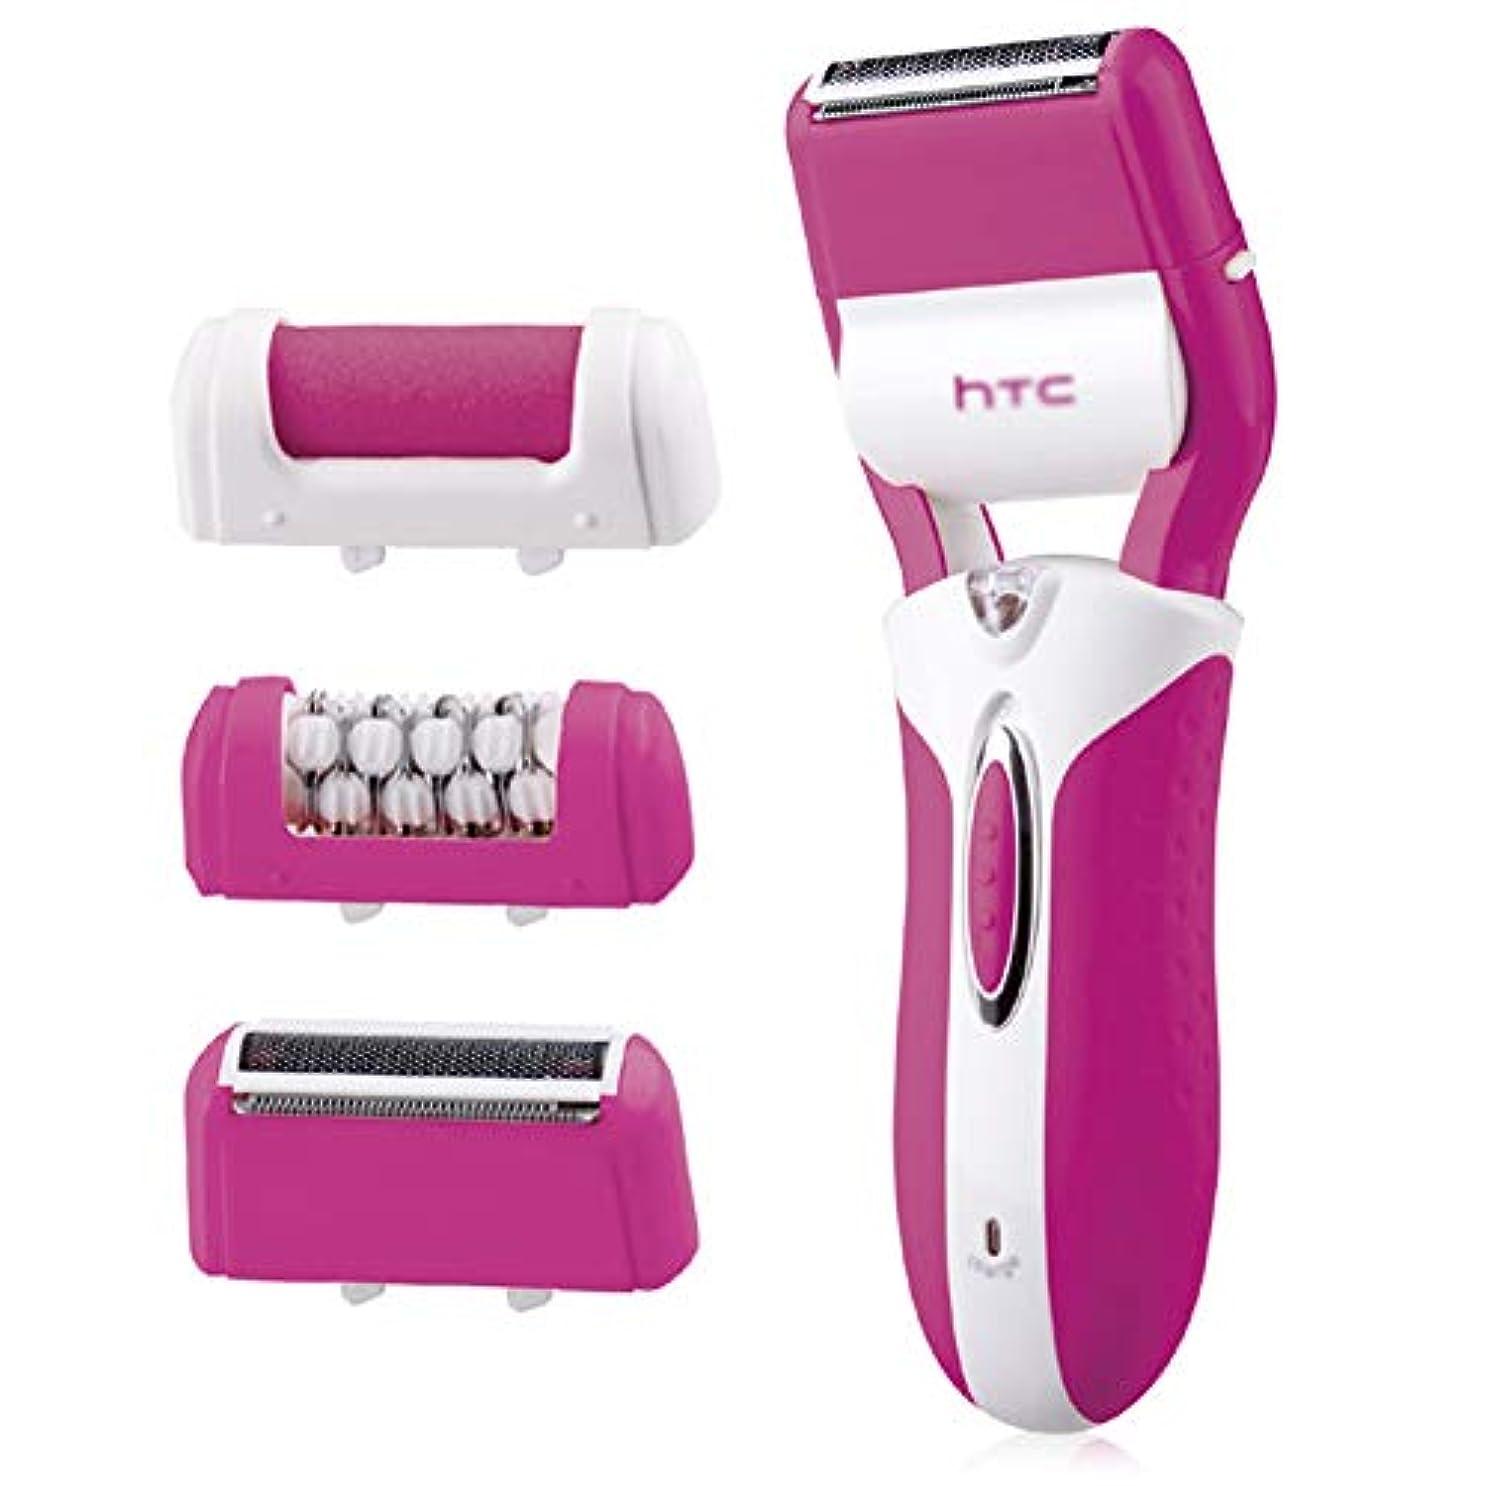 第九フォアタイプ活気づくコードレス電気脱毛脱毛器、充電式電気シェーバーインスタントヘアトリマーリムーバー、ウェット&ドライ。